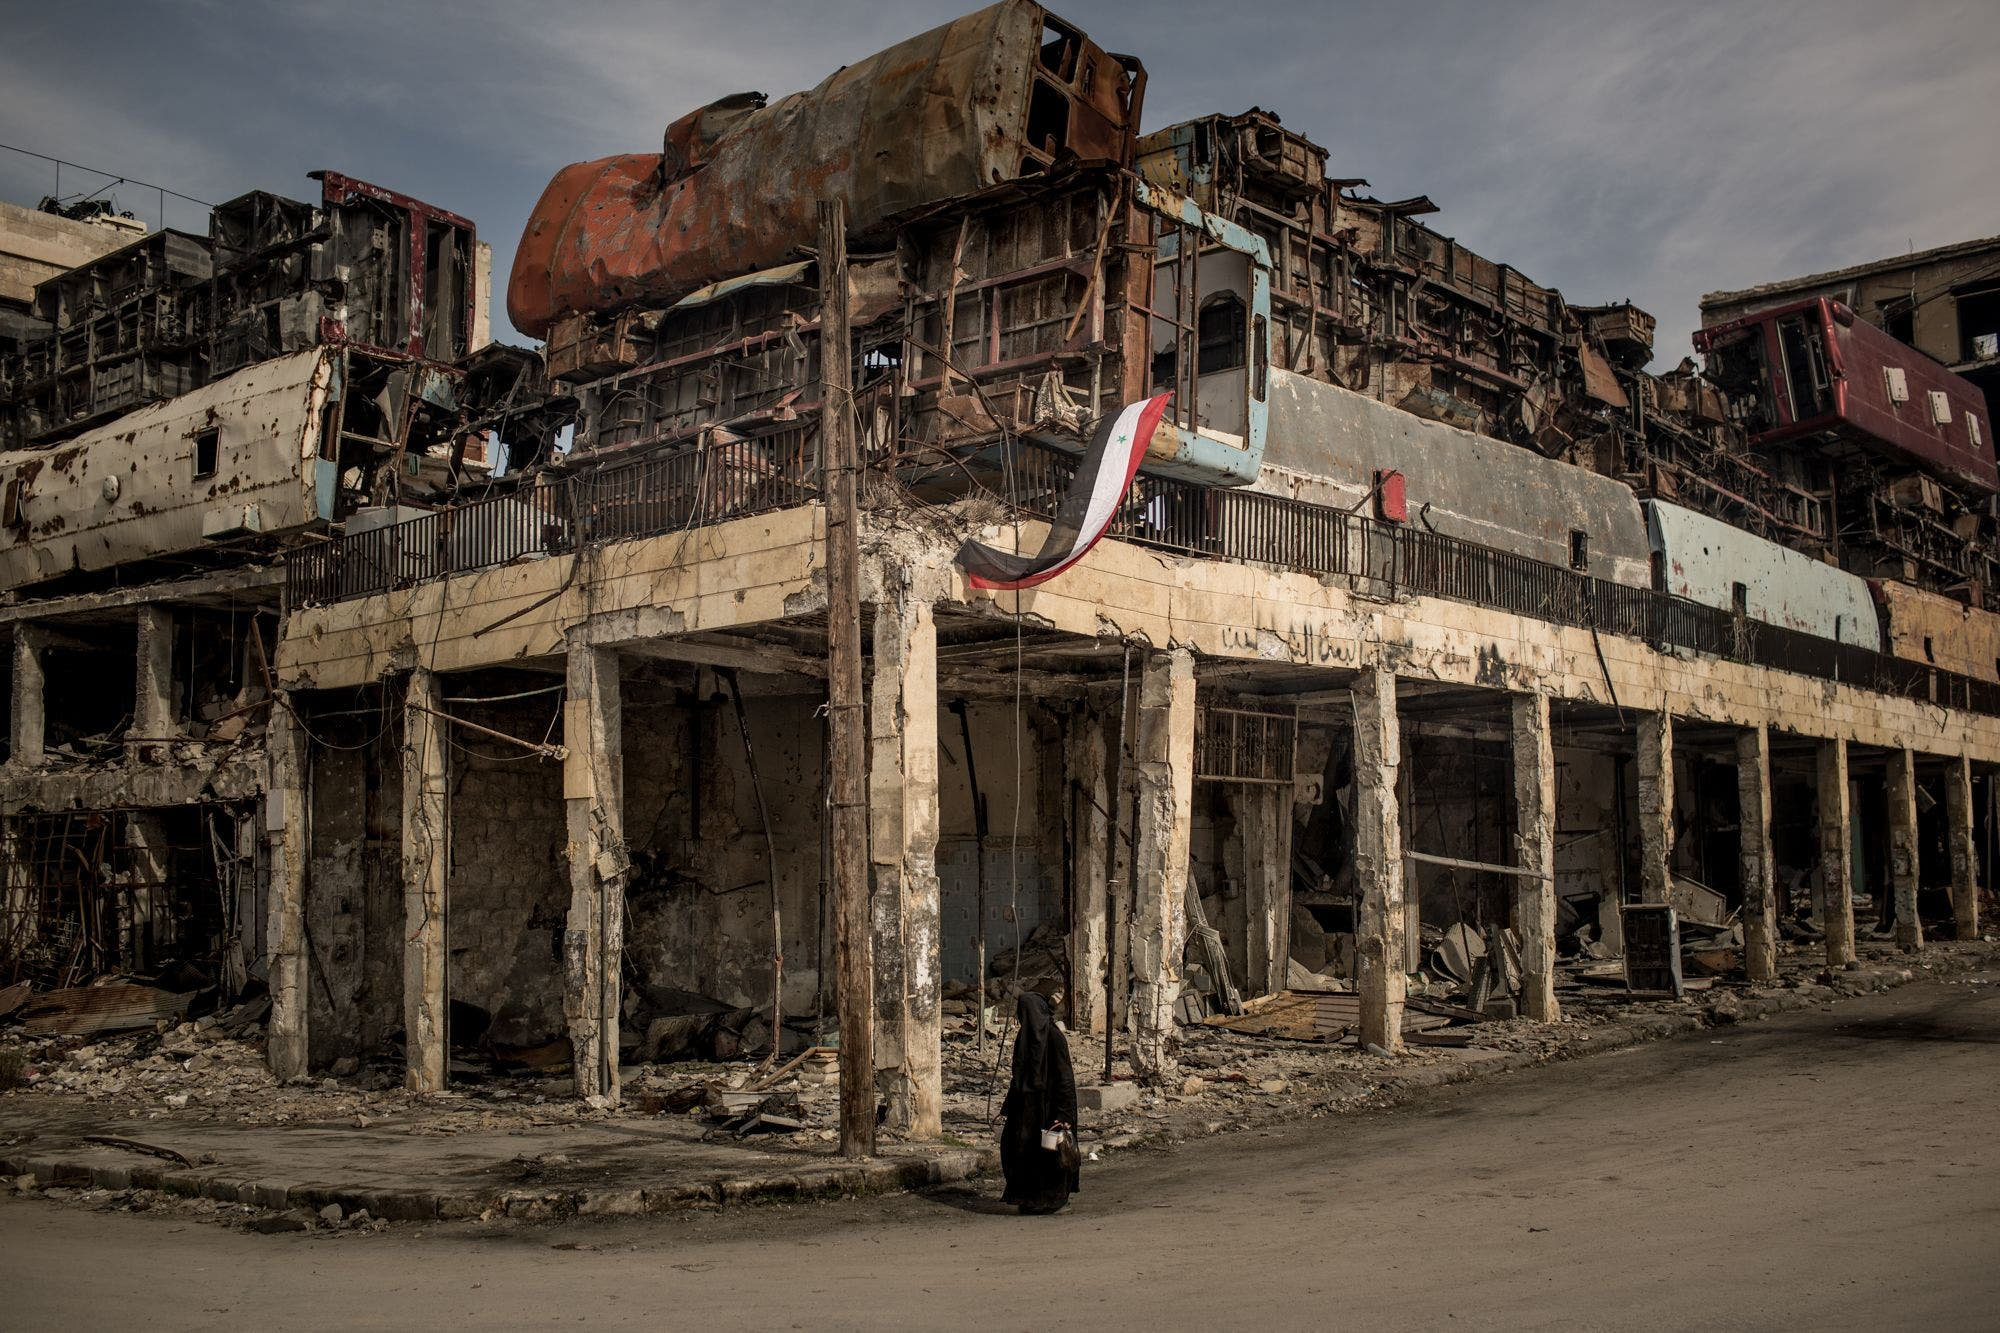 آثار ویرانی  در حمص